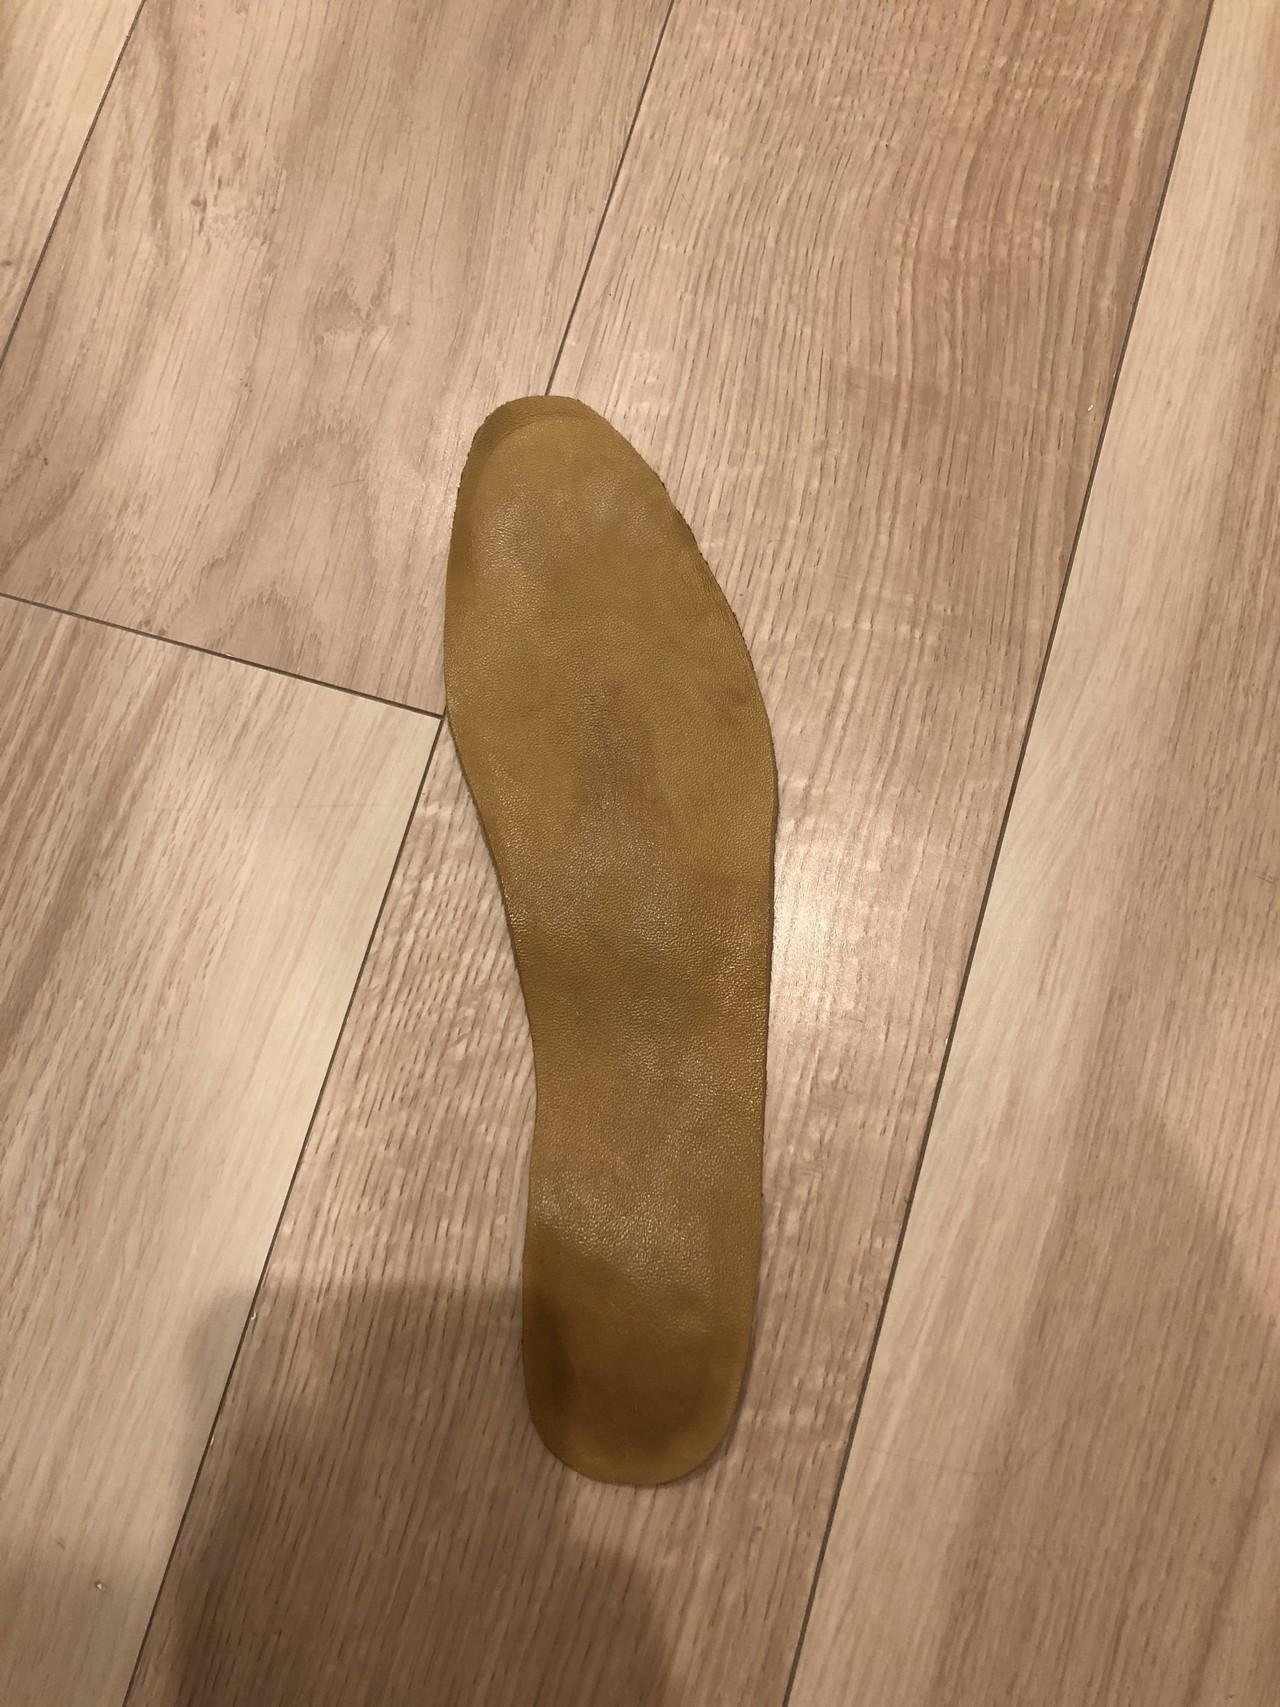 ぬいぐるみ用 靴 作り方